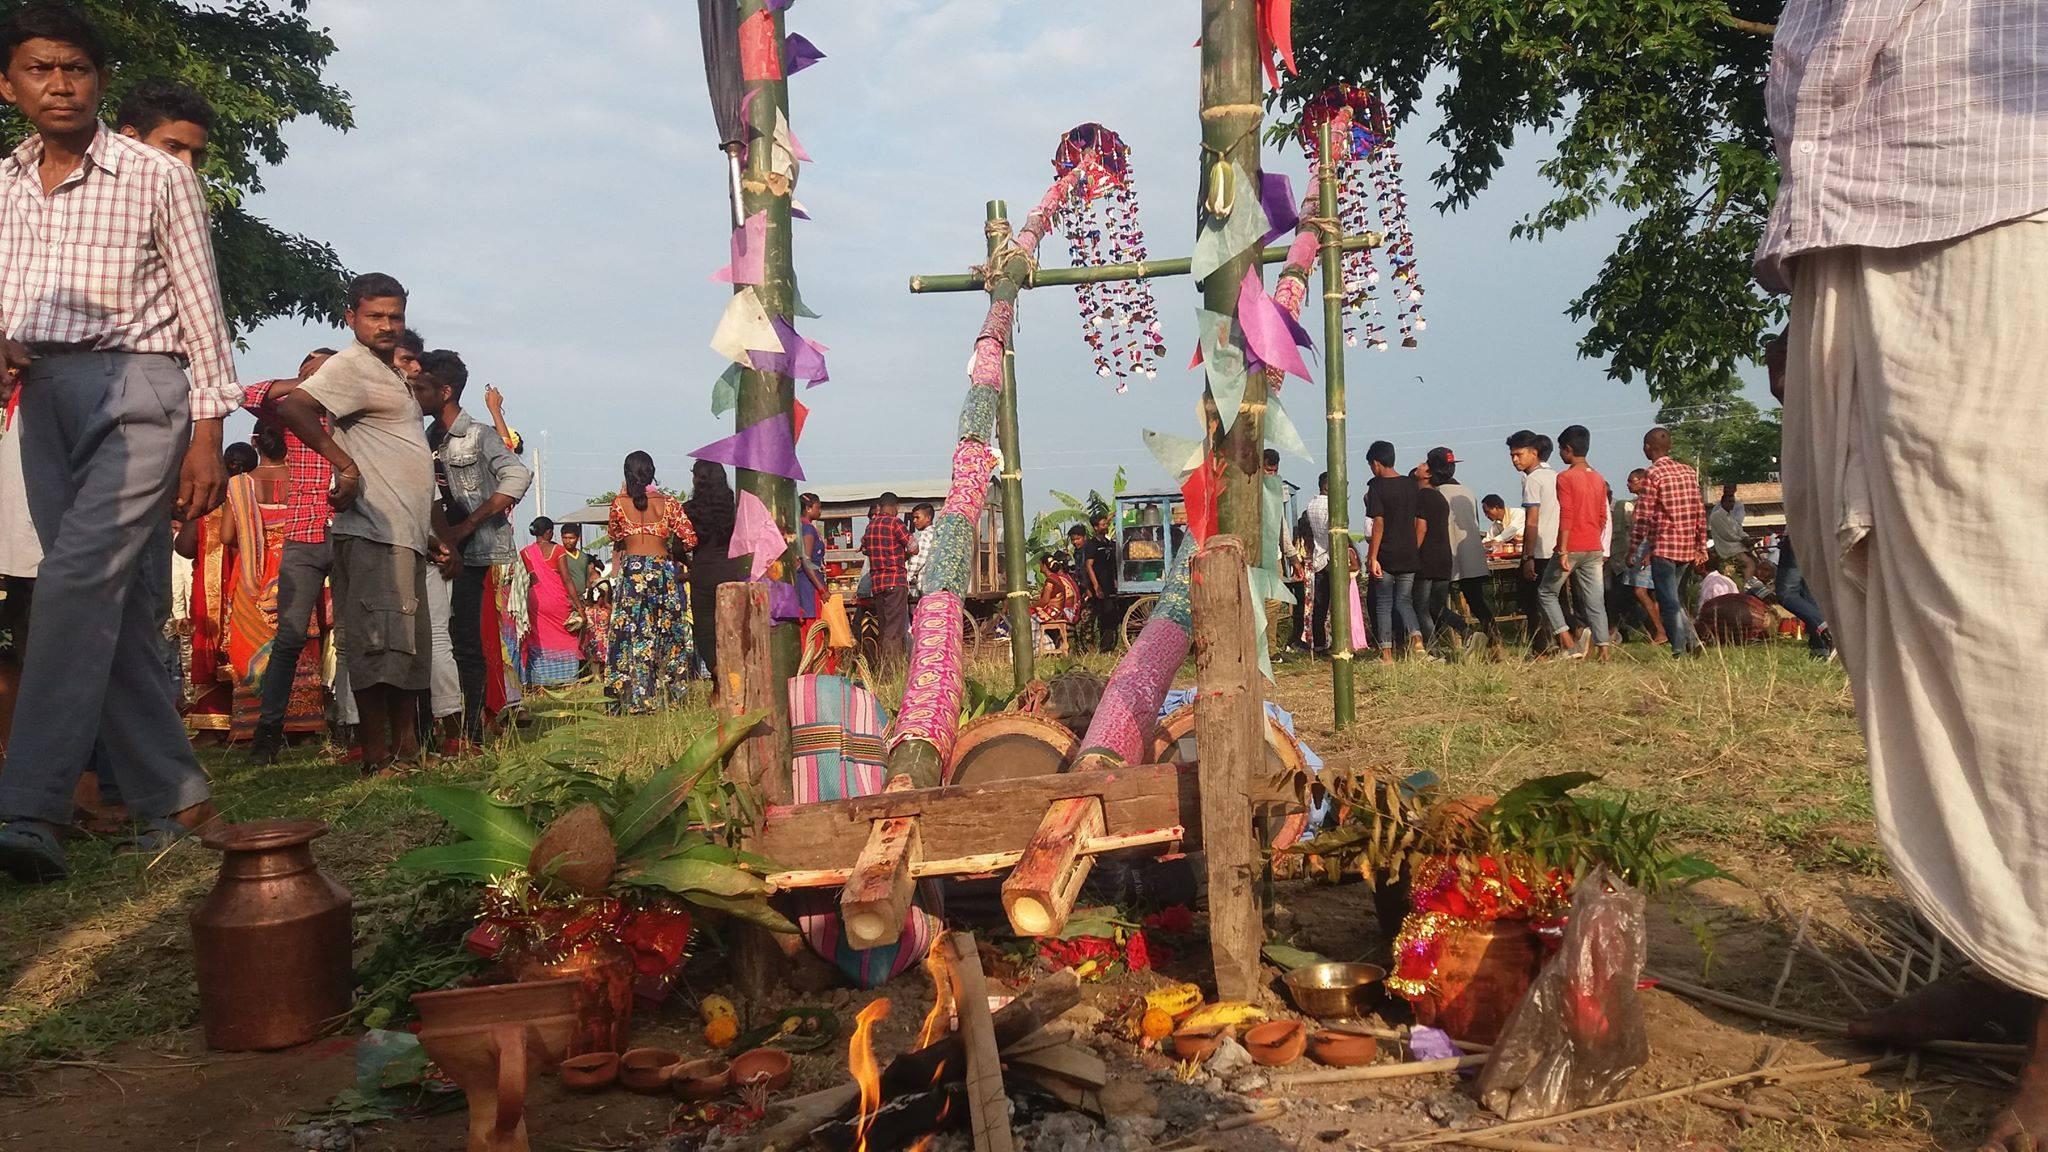 मोरङका सन्थालहरुले मनाए पारम्परिक 'छत्ता पूजा'